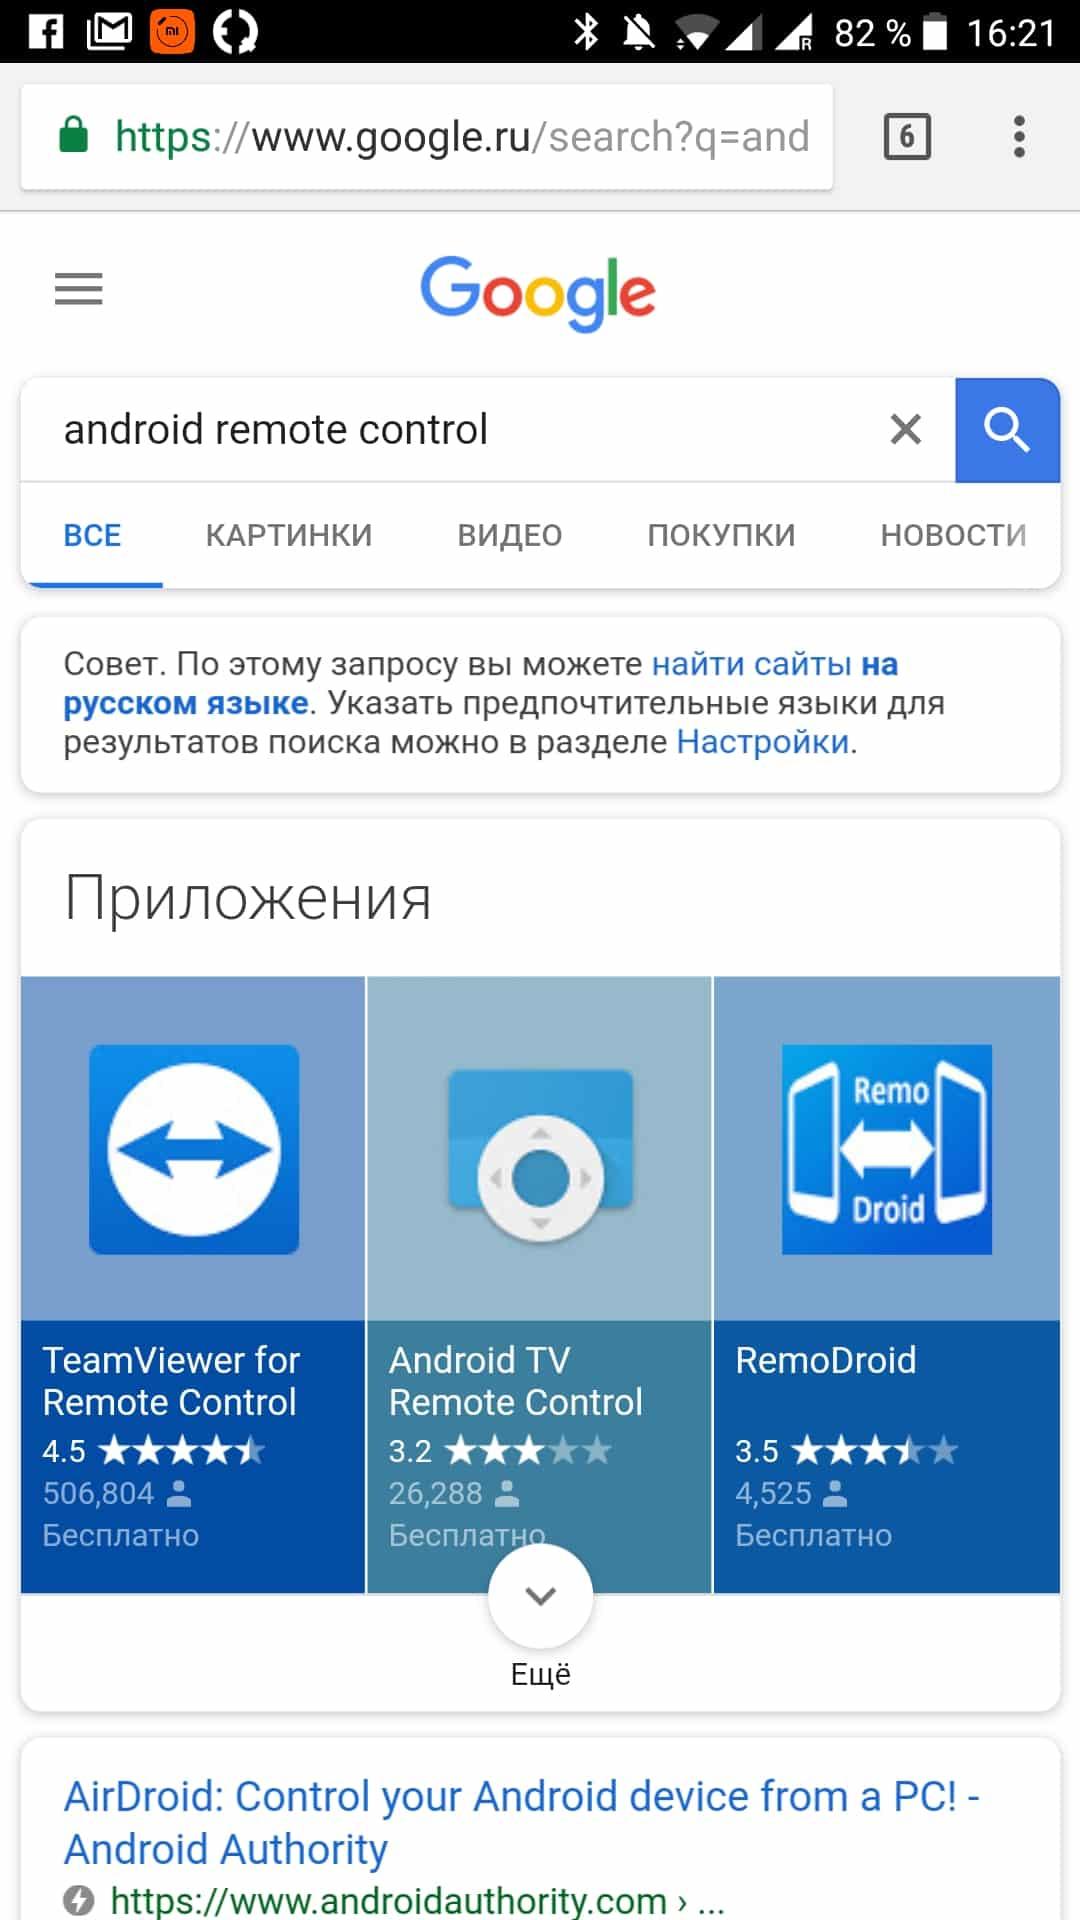 Appsgames.ru - удаленное управление